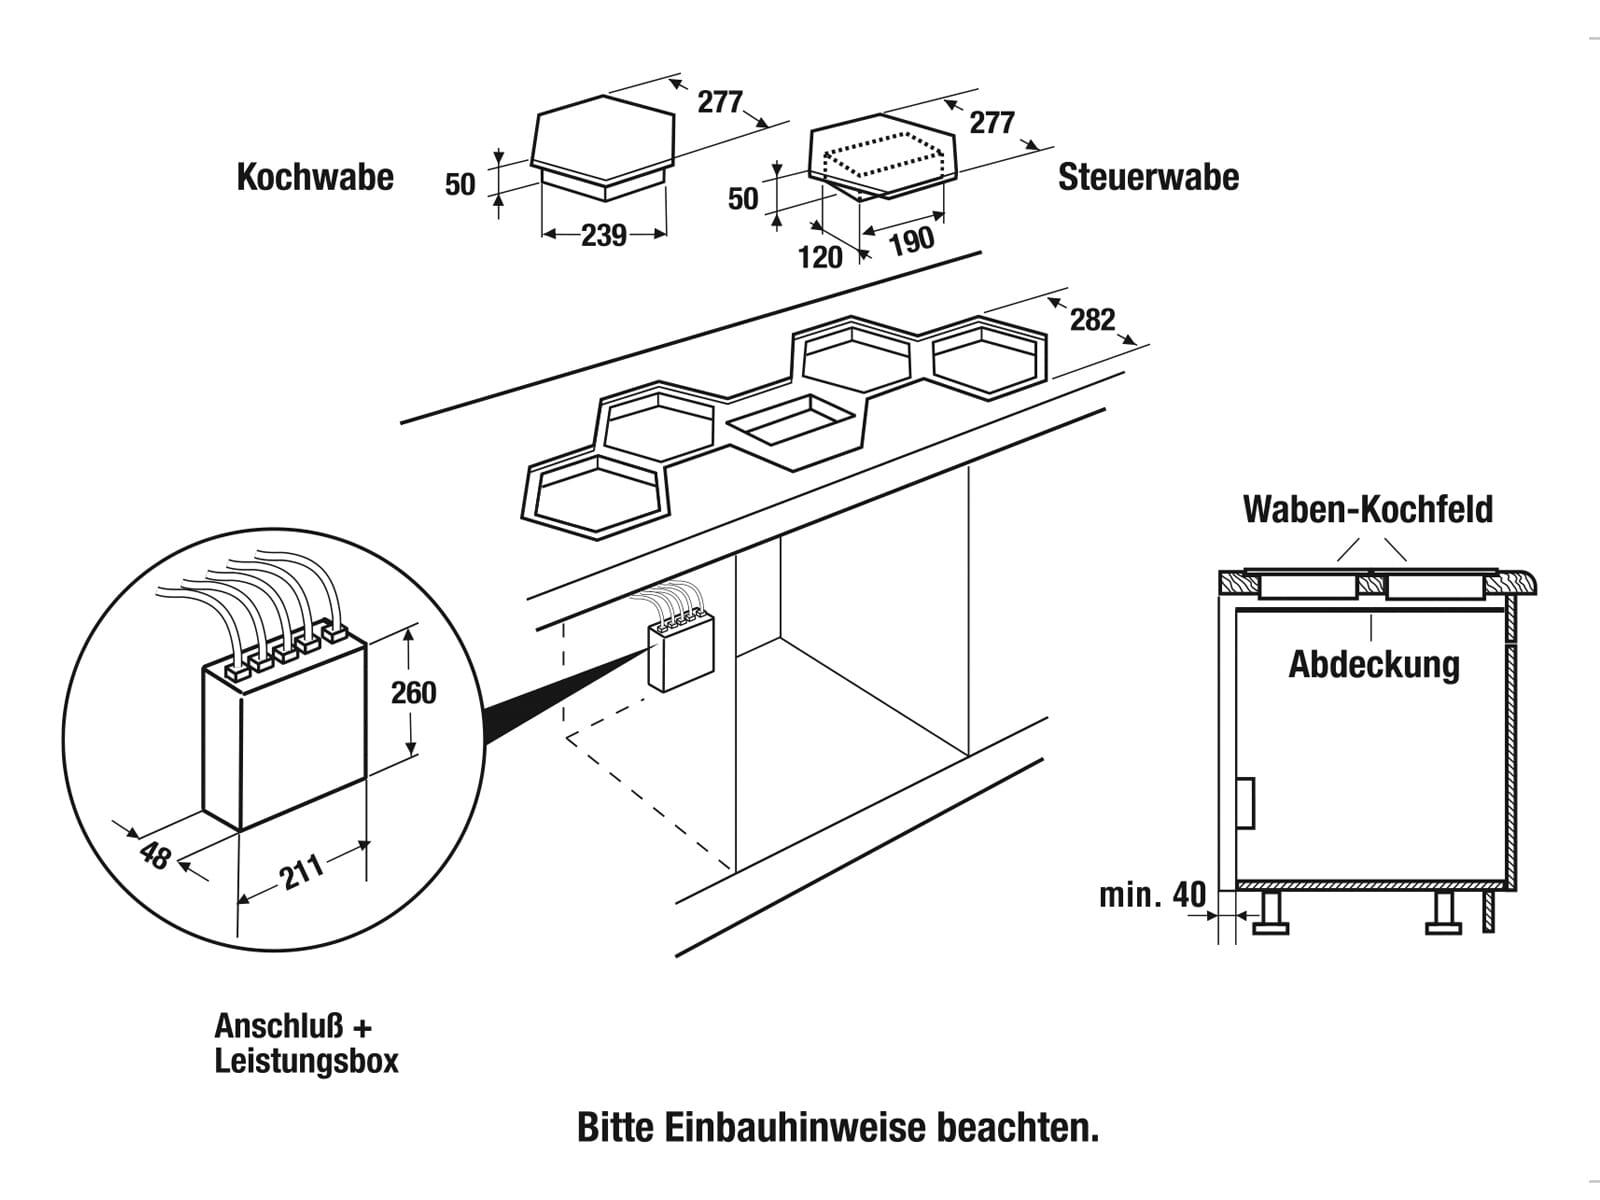 Küppersbusch EKWI 3740.0 W K-Series. 8 Induktionskochfeld autark